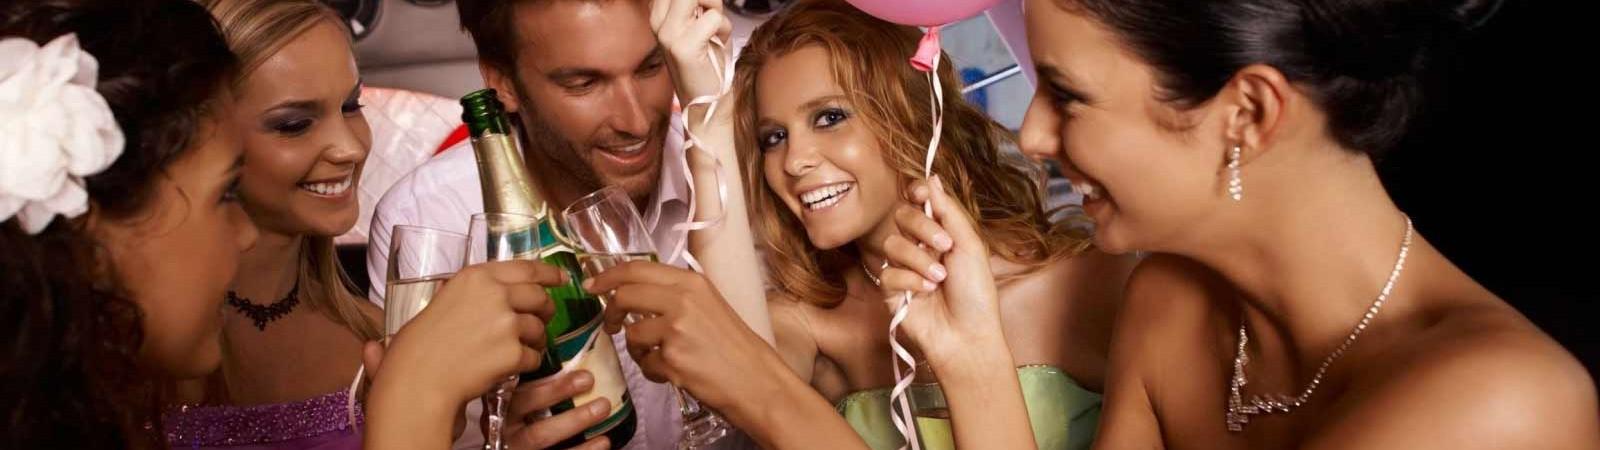 Las-Vegas-Bachelorette-Parties